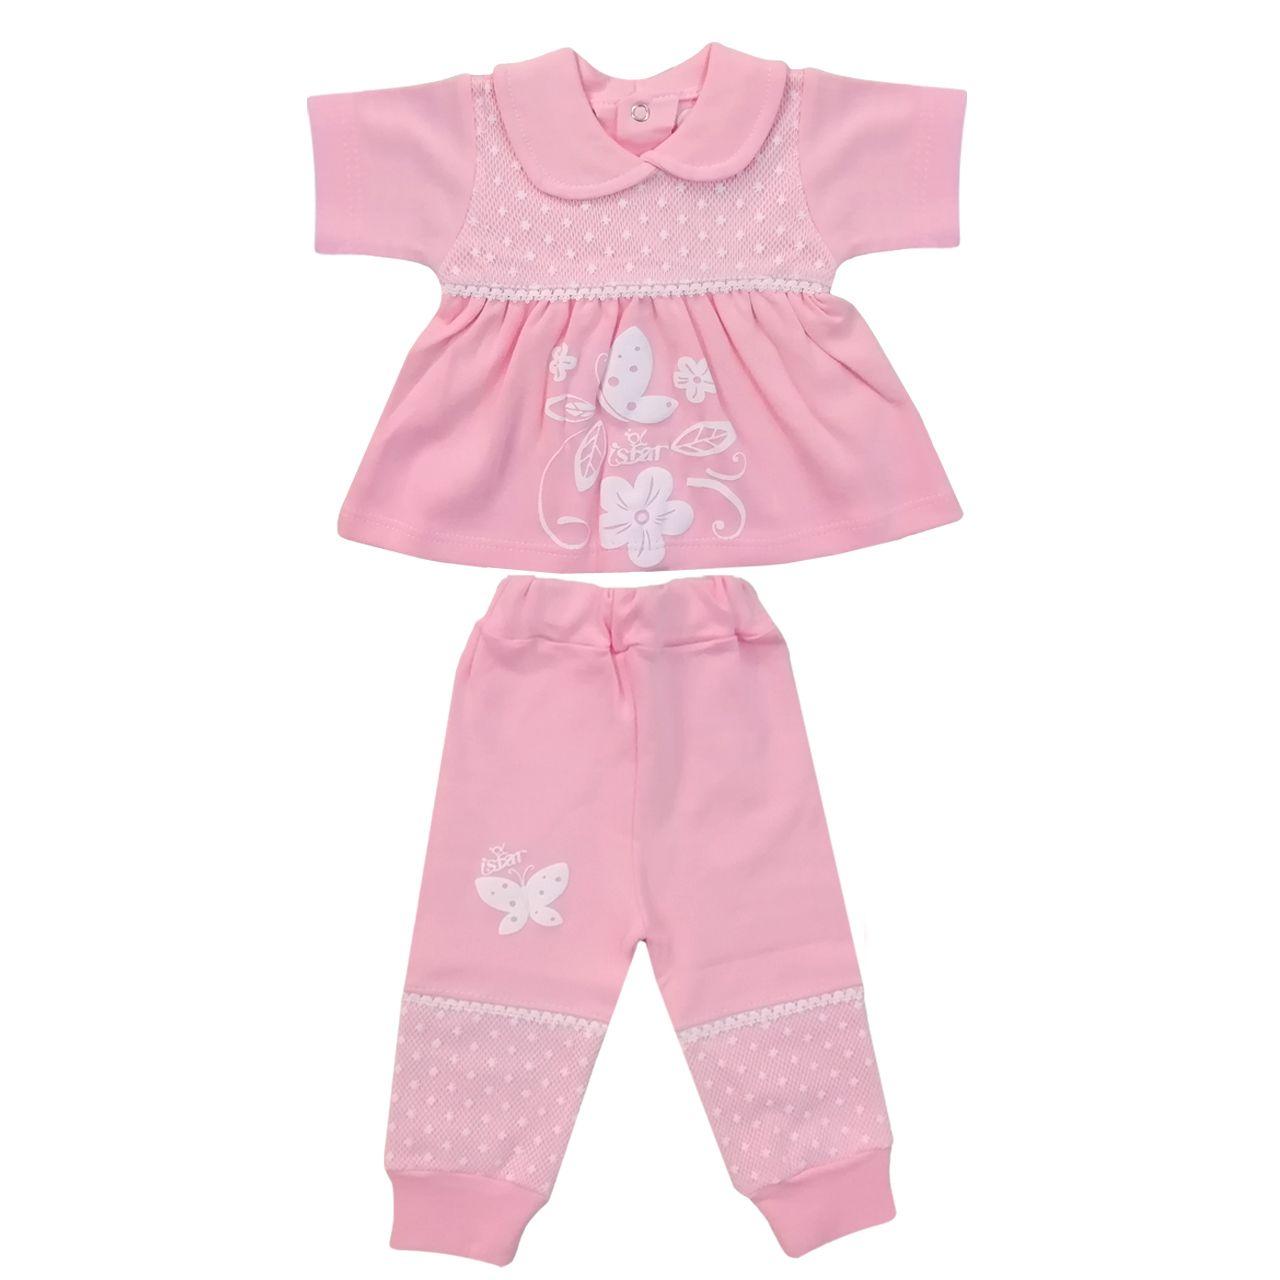 ست بلوز و شلوار نوزادی دخترانه کد 990410 -  - 2